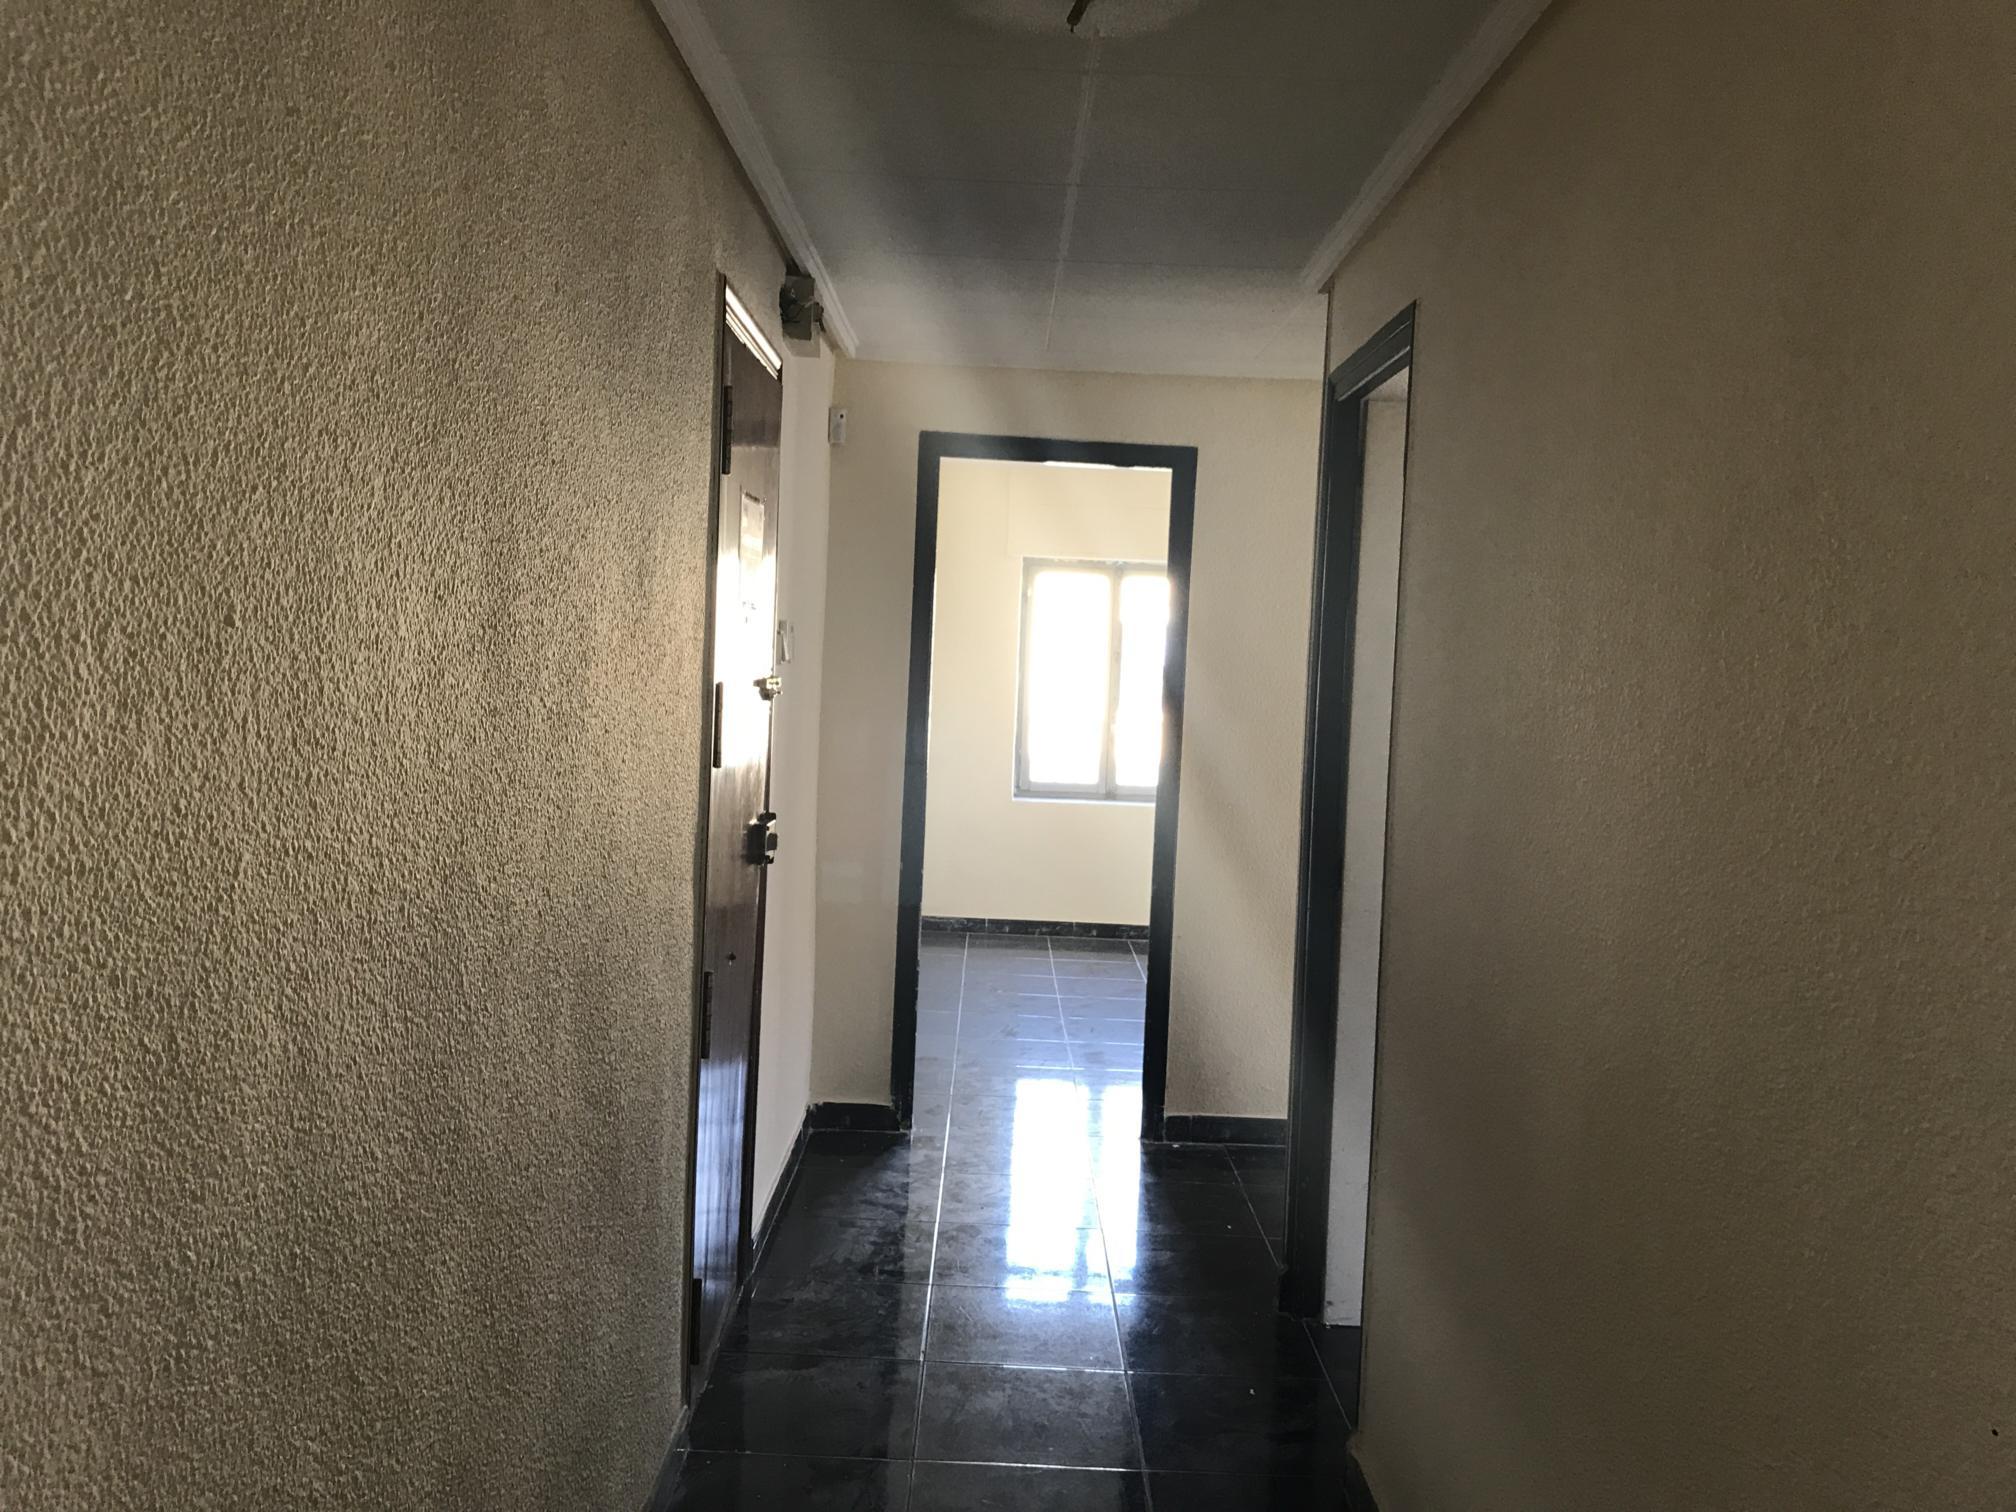 Piso en venta en Elche/elx, Alicante, Calle Camí Magros, 31.000 €, 3 habitaciones, 1 baño, 89 m2